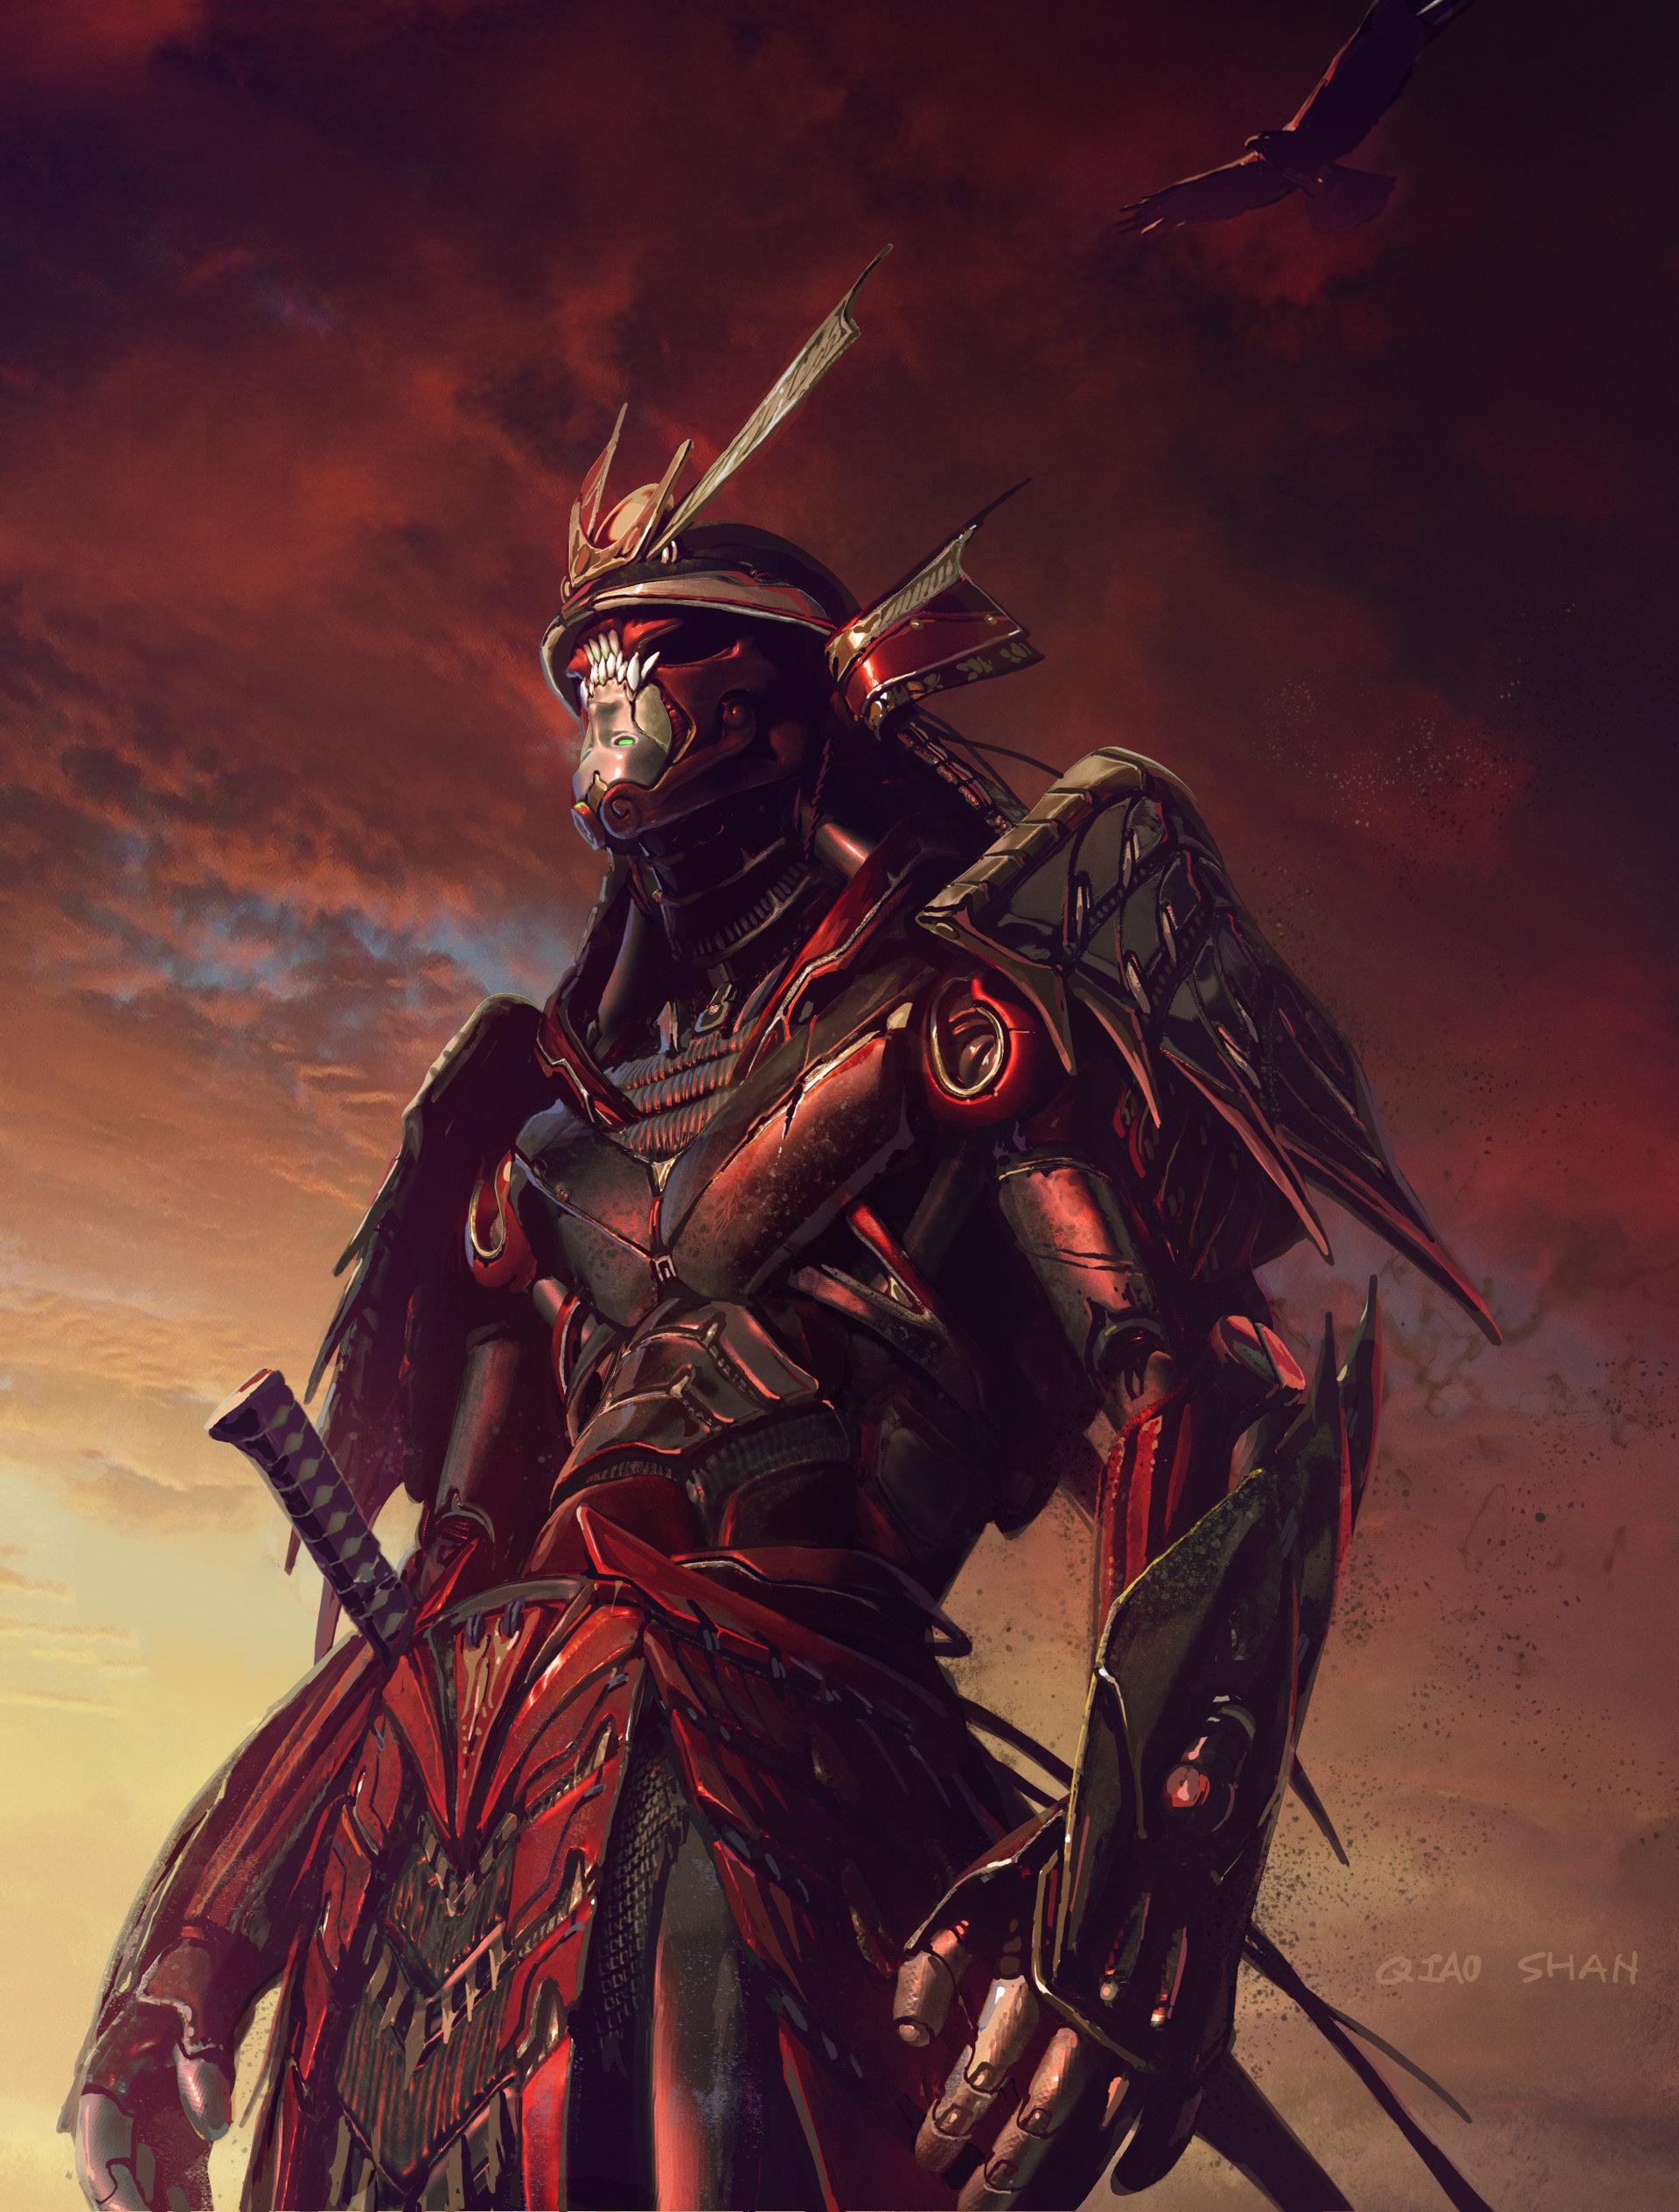 Shan qiao samurai hawk